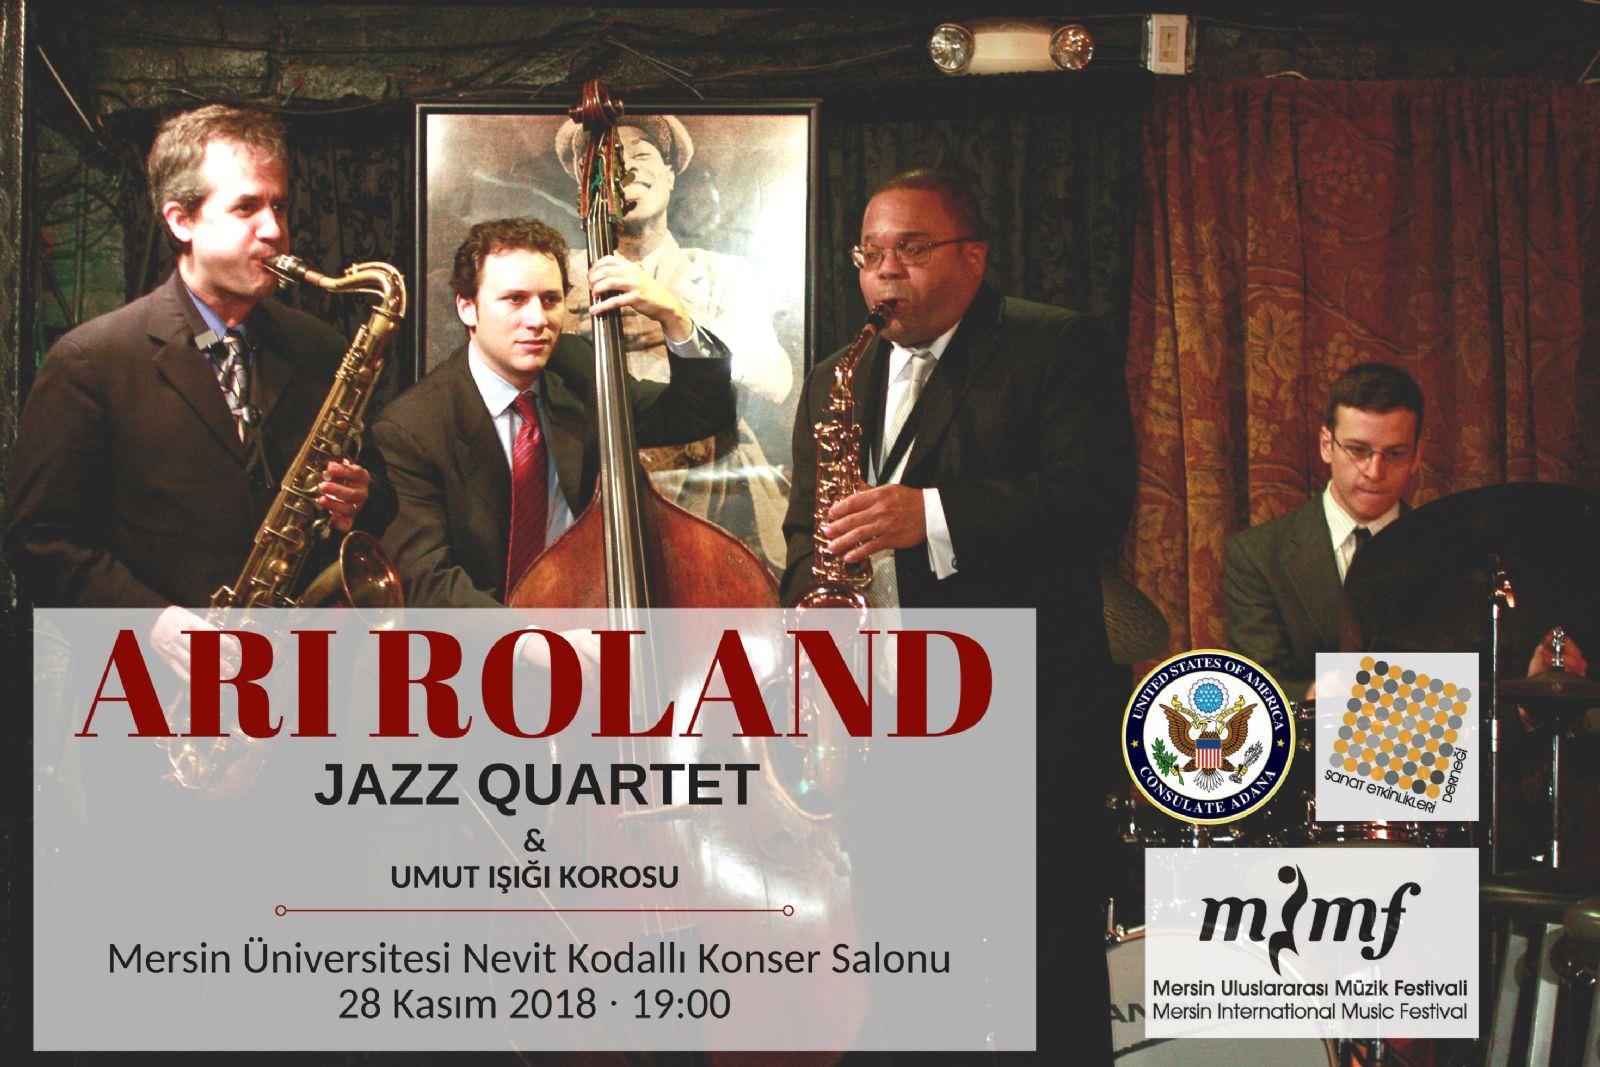 Ari Roland Jazz Quartet